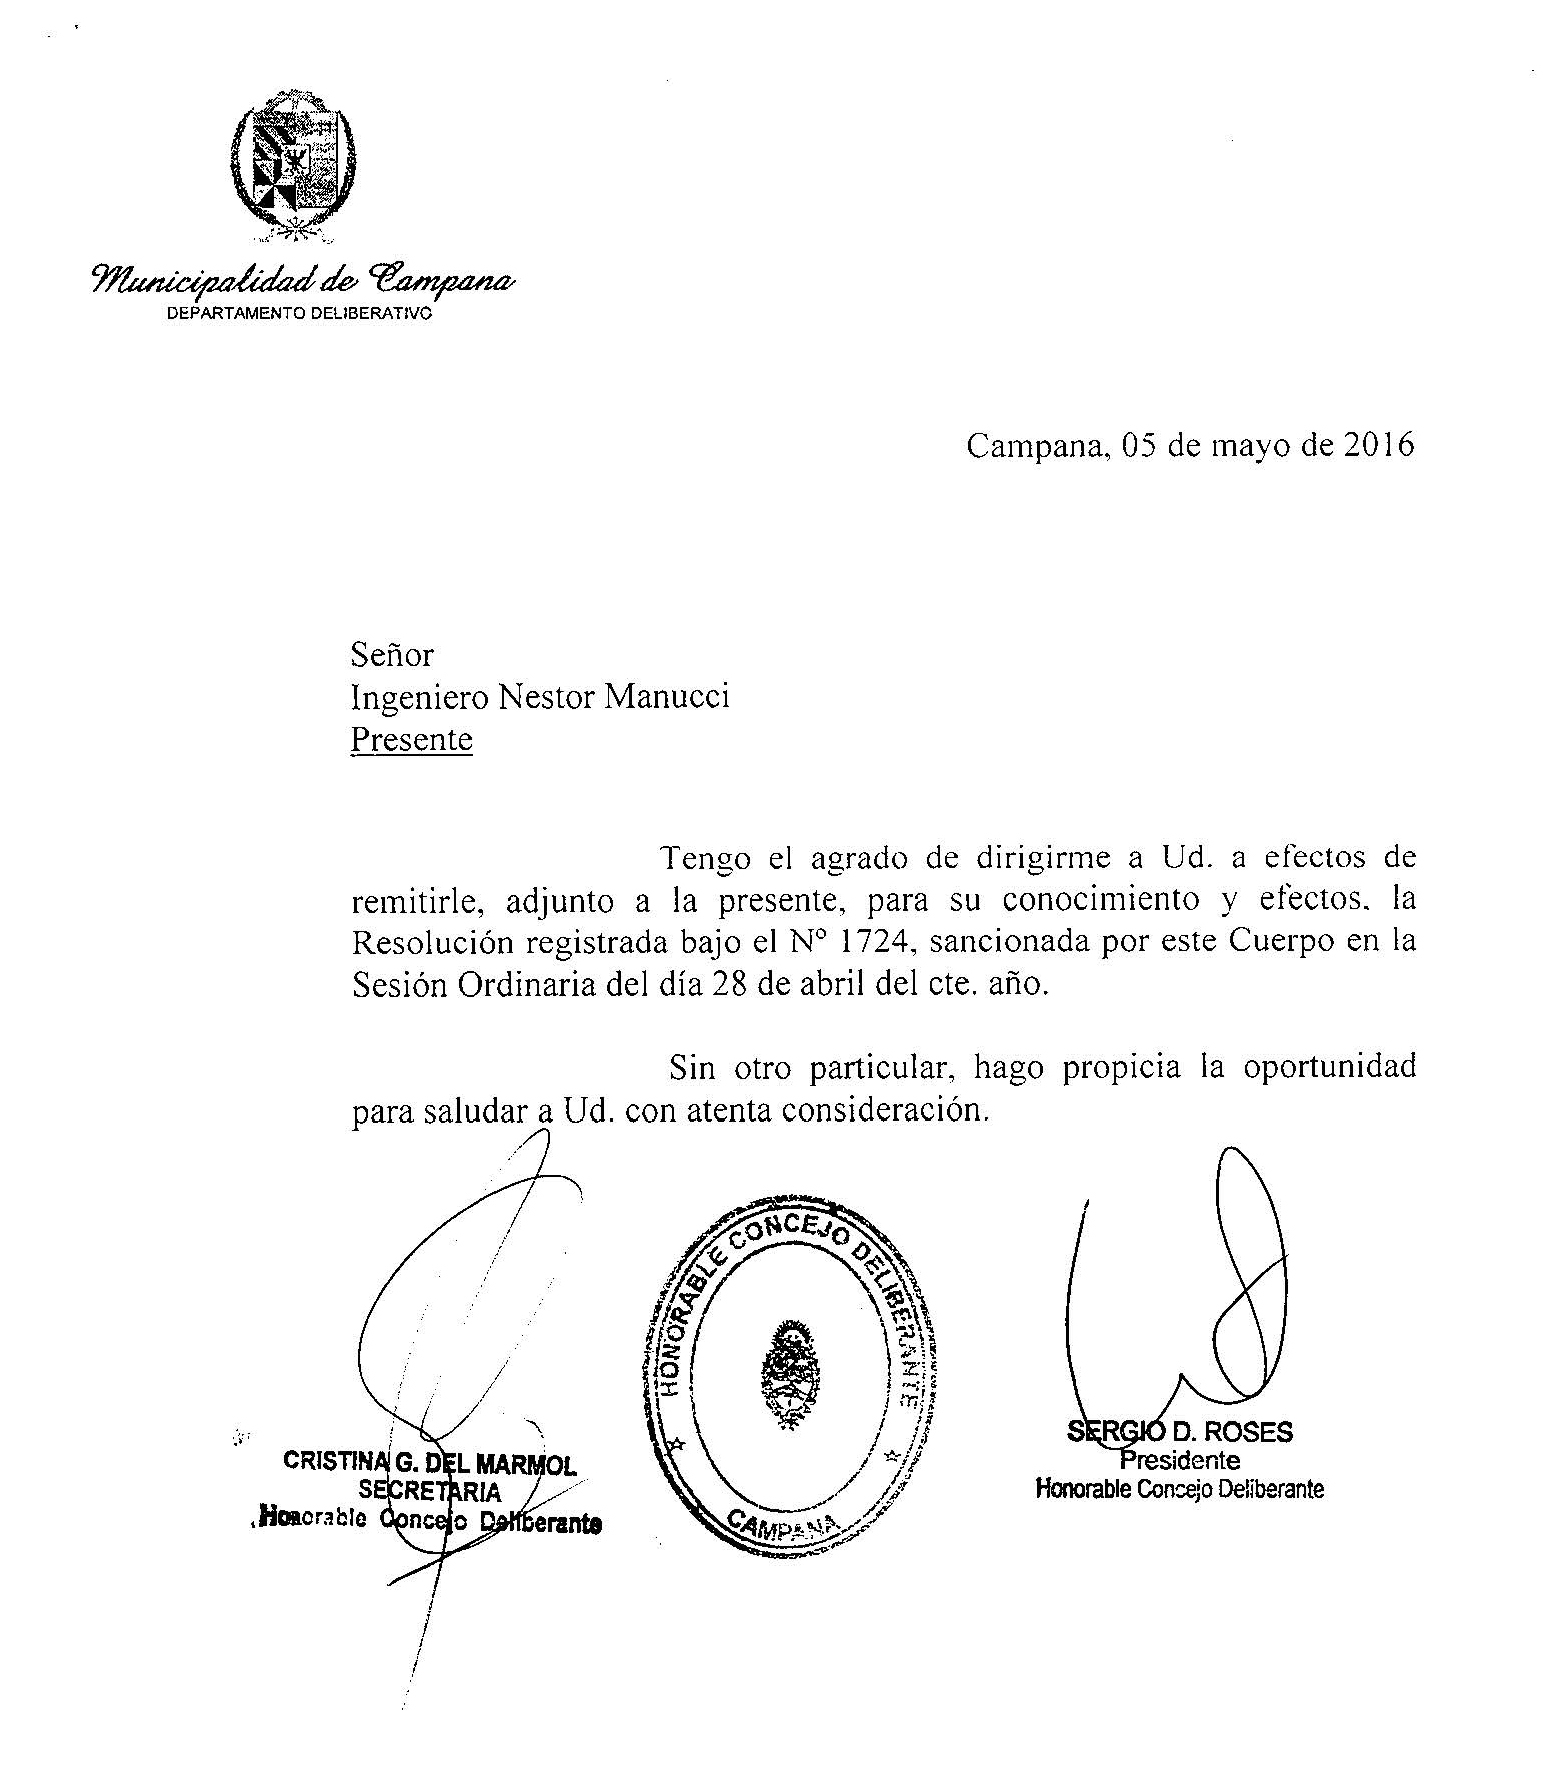 Interés Legislativo Proyecto de Microenergias Ciudad de Campana 3